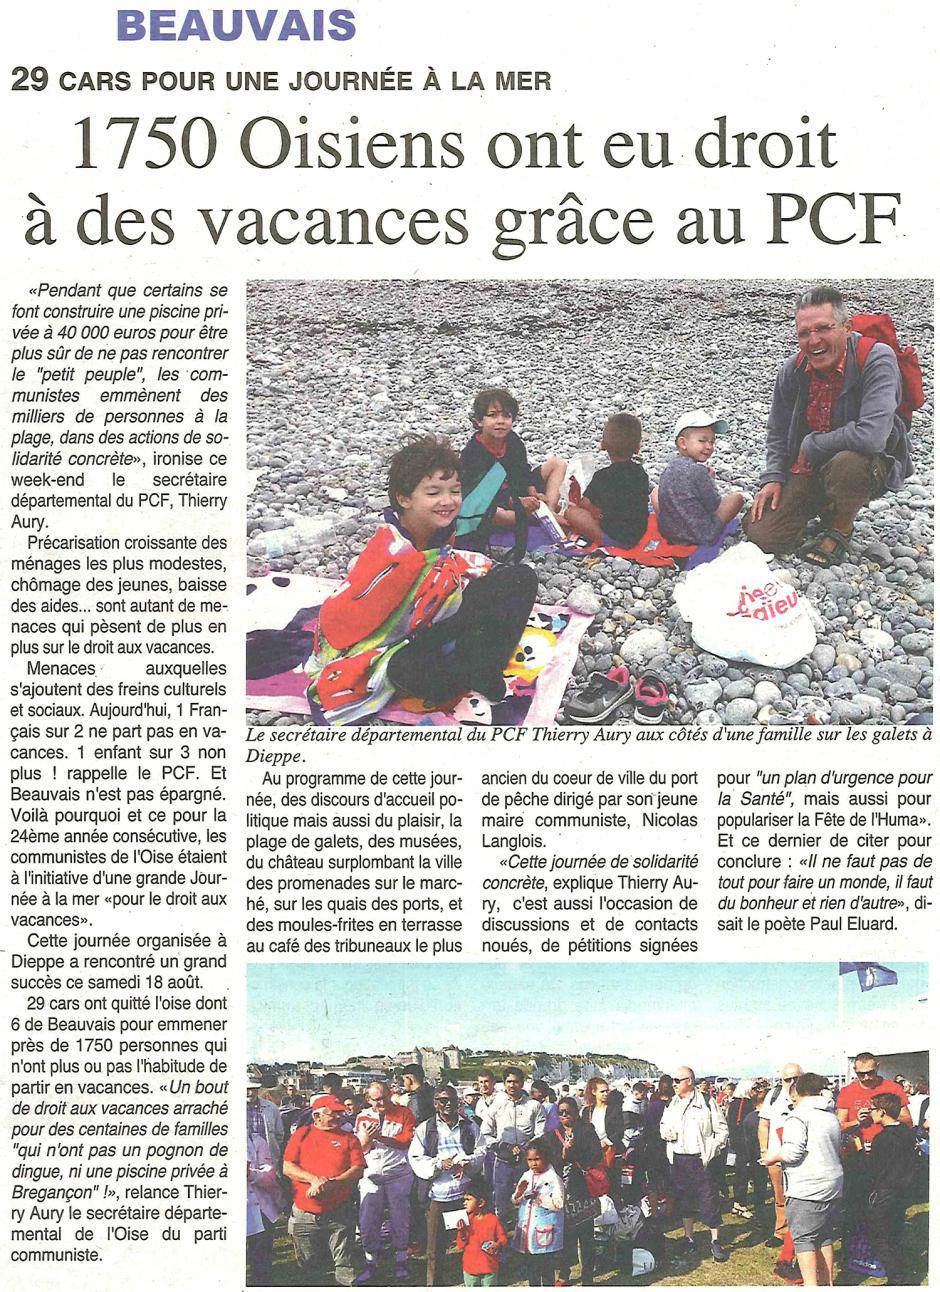 20180822-OH-Oise-1 750 Oisiens ont eu droit à des vacances grâce au PCF